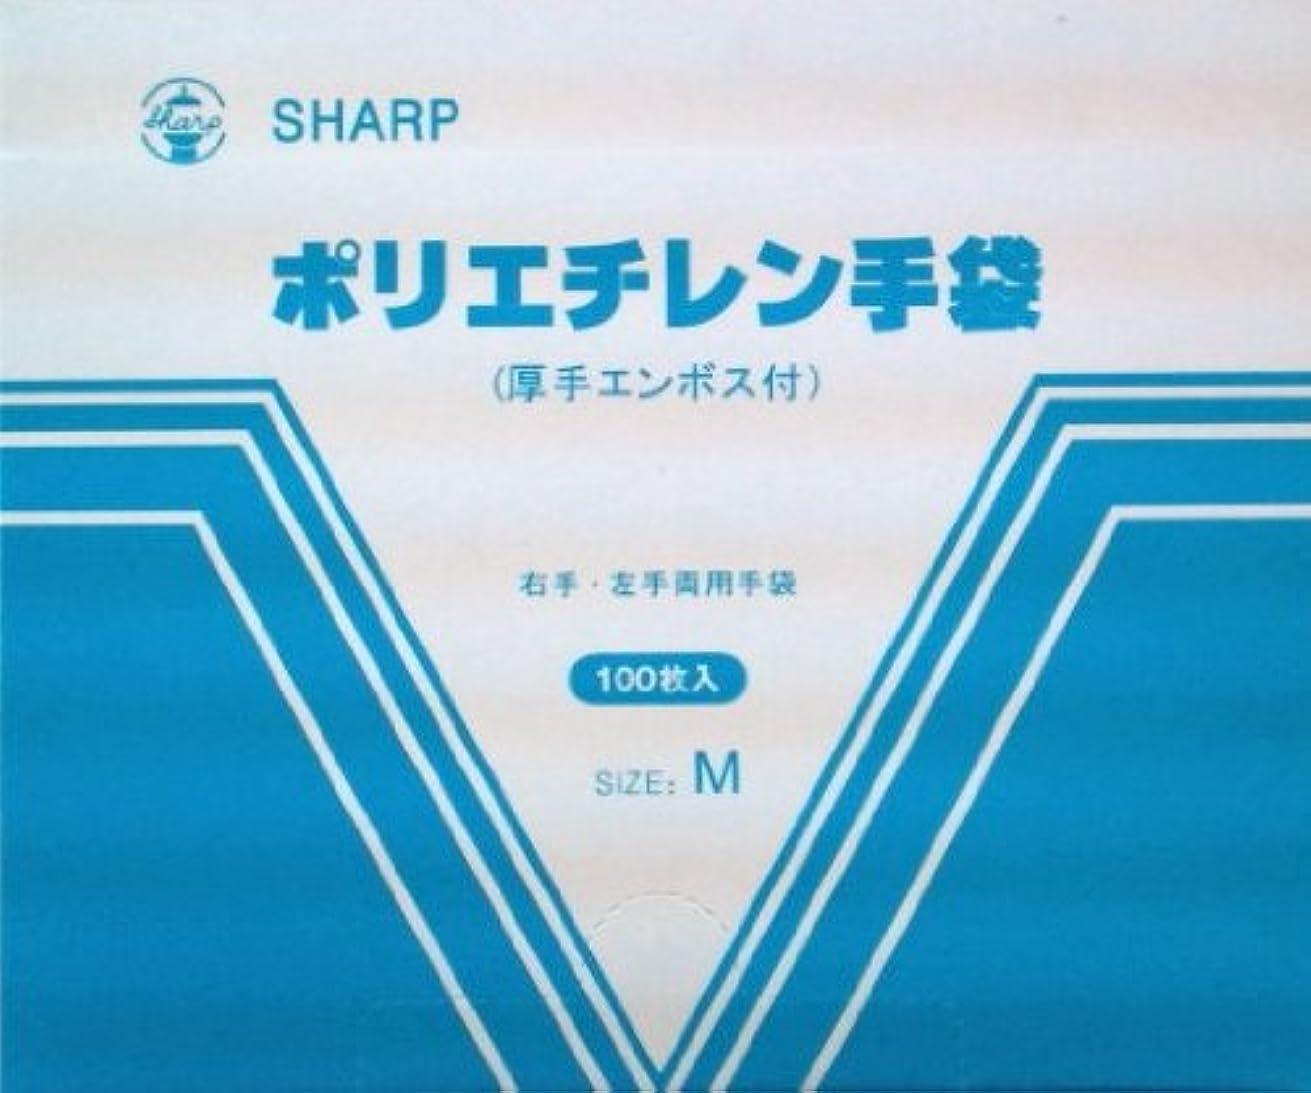 決して企業うん新鋭工業 SHARP ポリエチレン手袋 左右兼用100枚入り Mサイズ 100枚入り